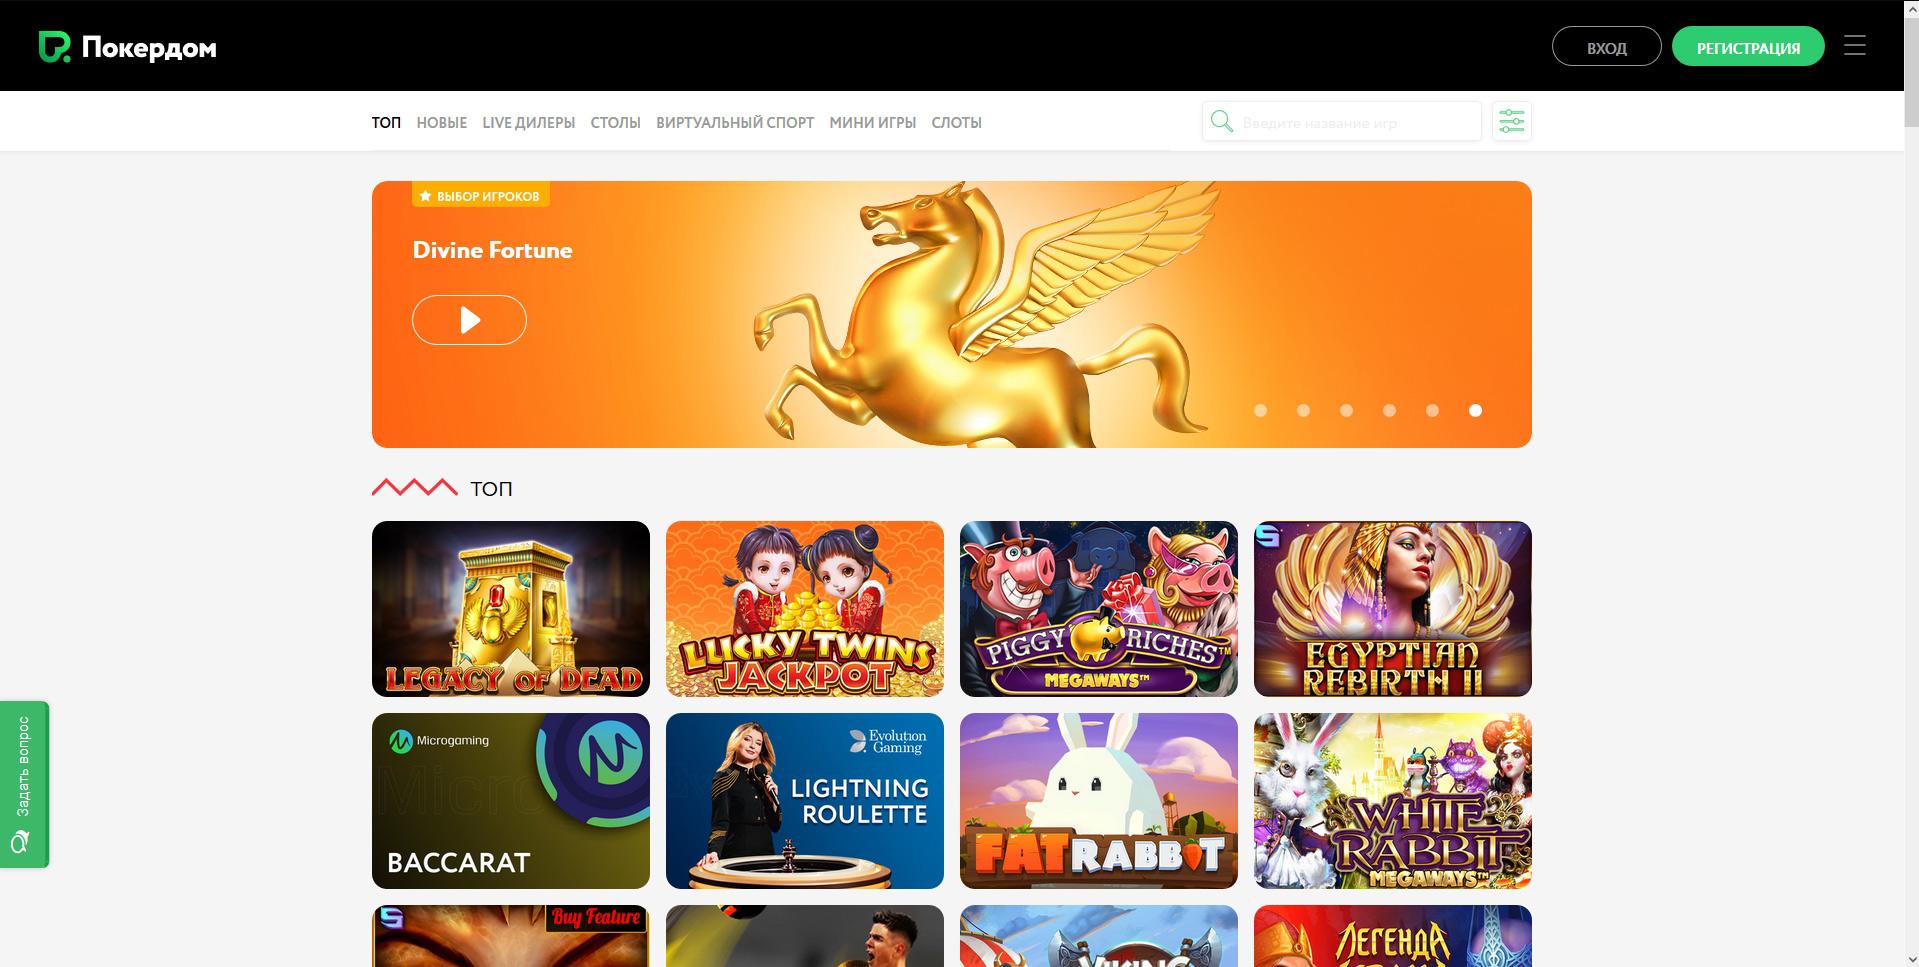 Официальный сайт покерного рума Покердом.